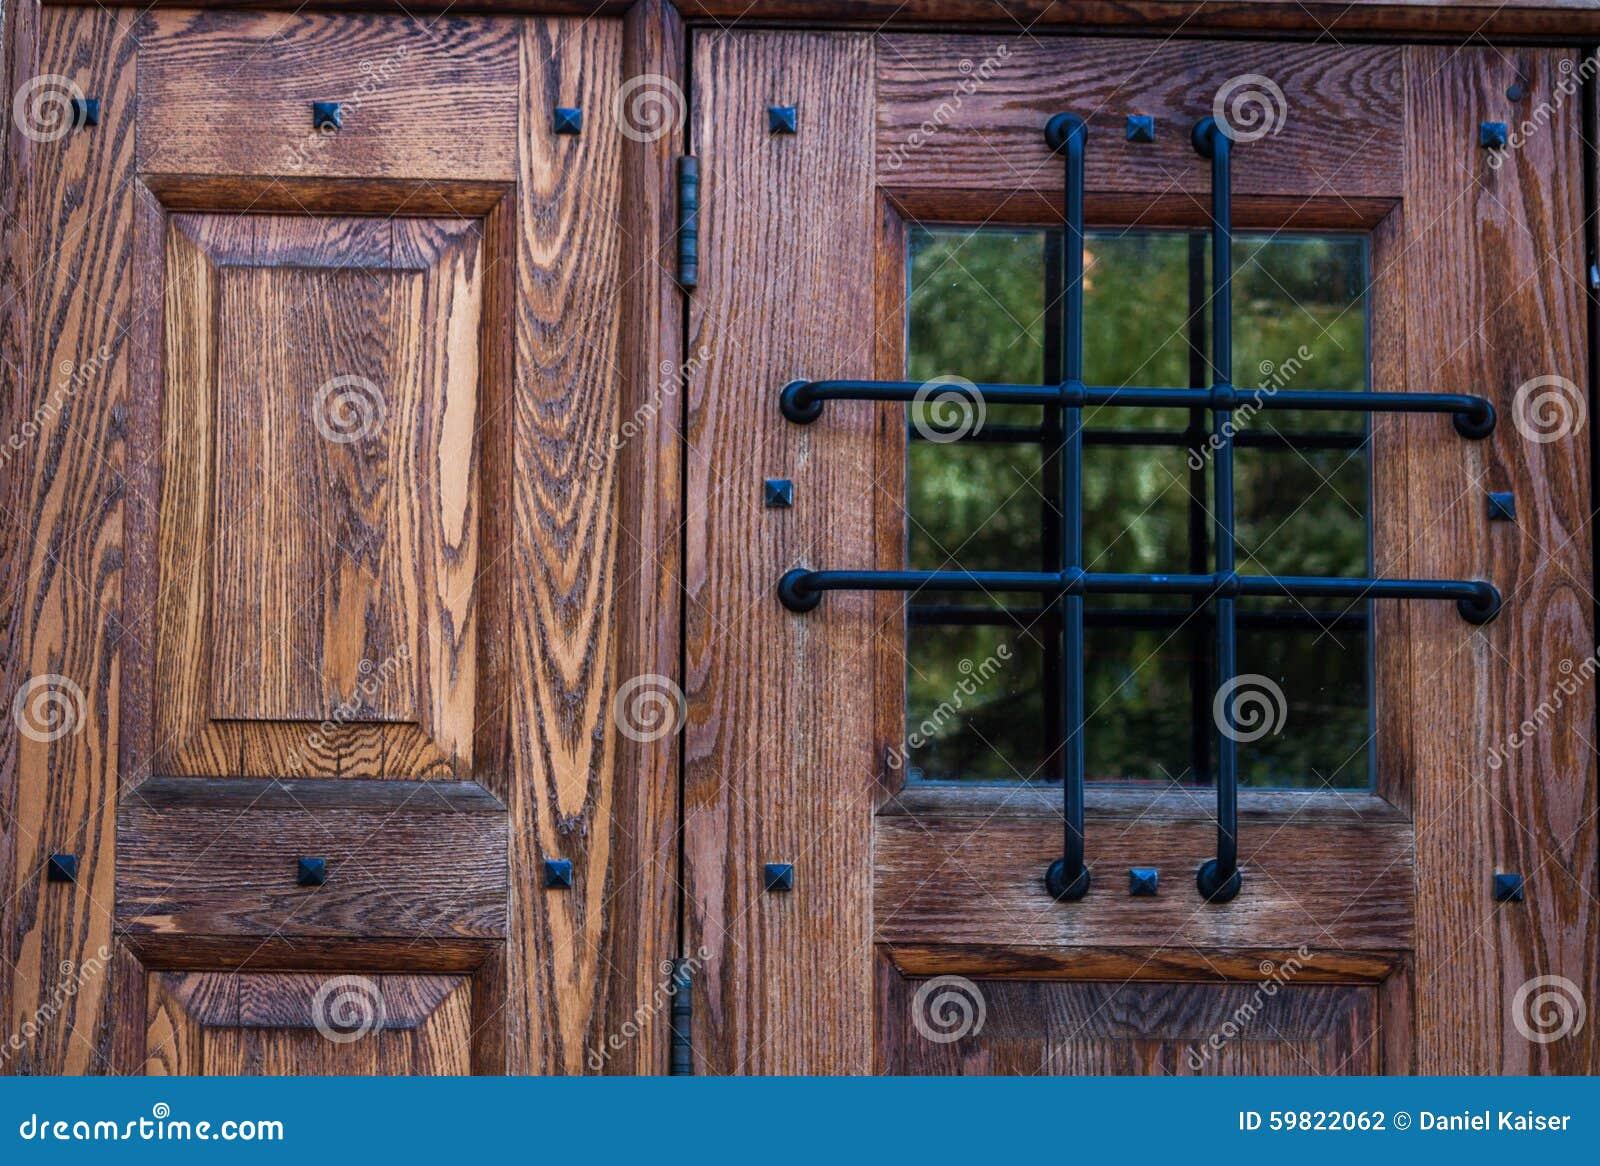 Delicieux Door And Window With Heavy Grate